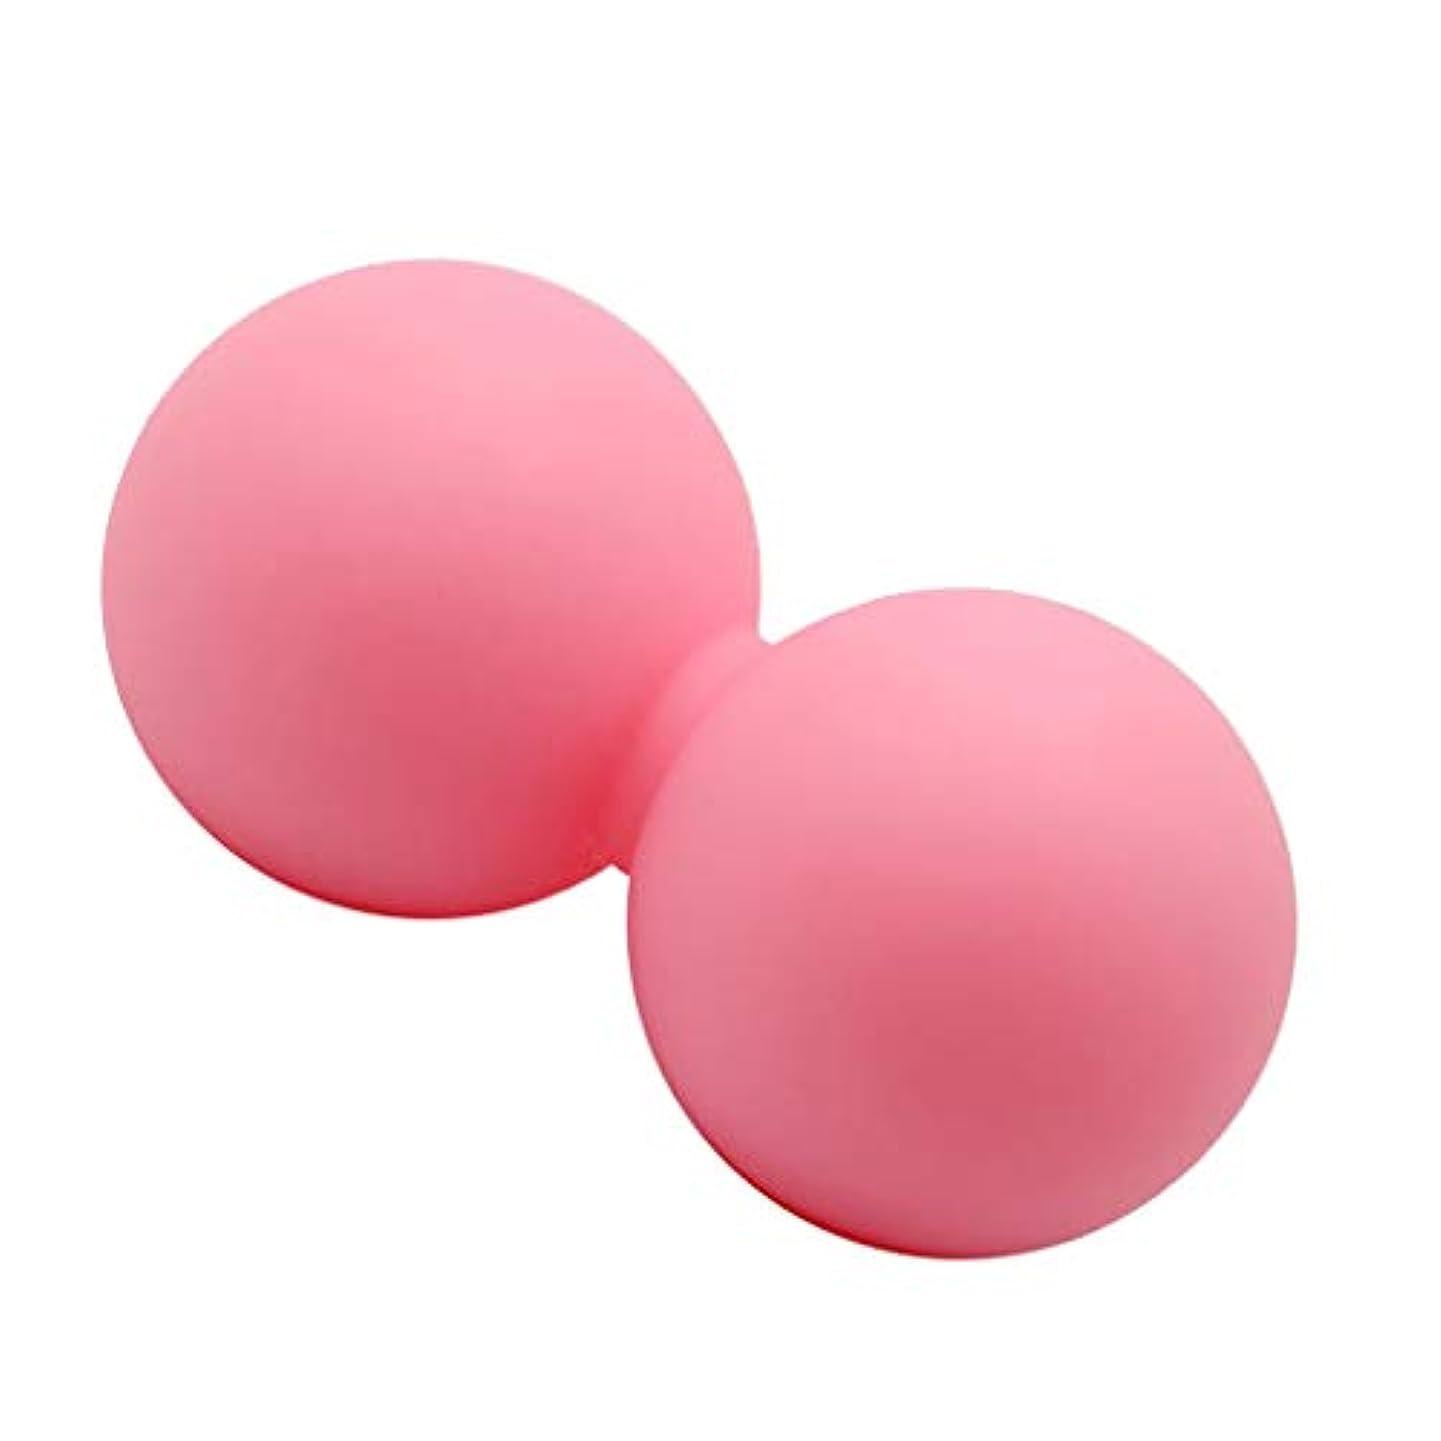 Baoblaze マッサージ ヨガボール ピーナッツ形 痛み緩和 ピンク